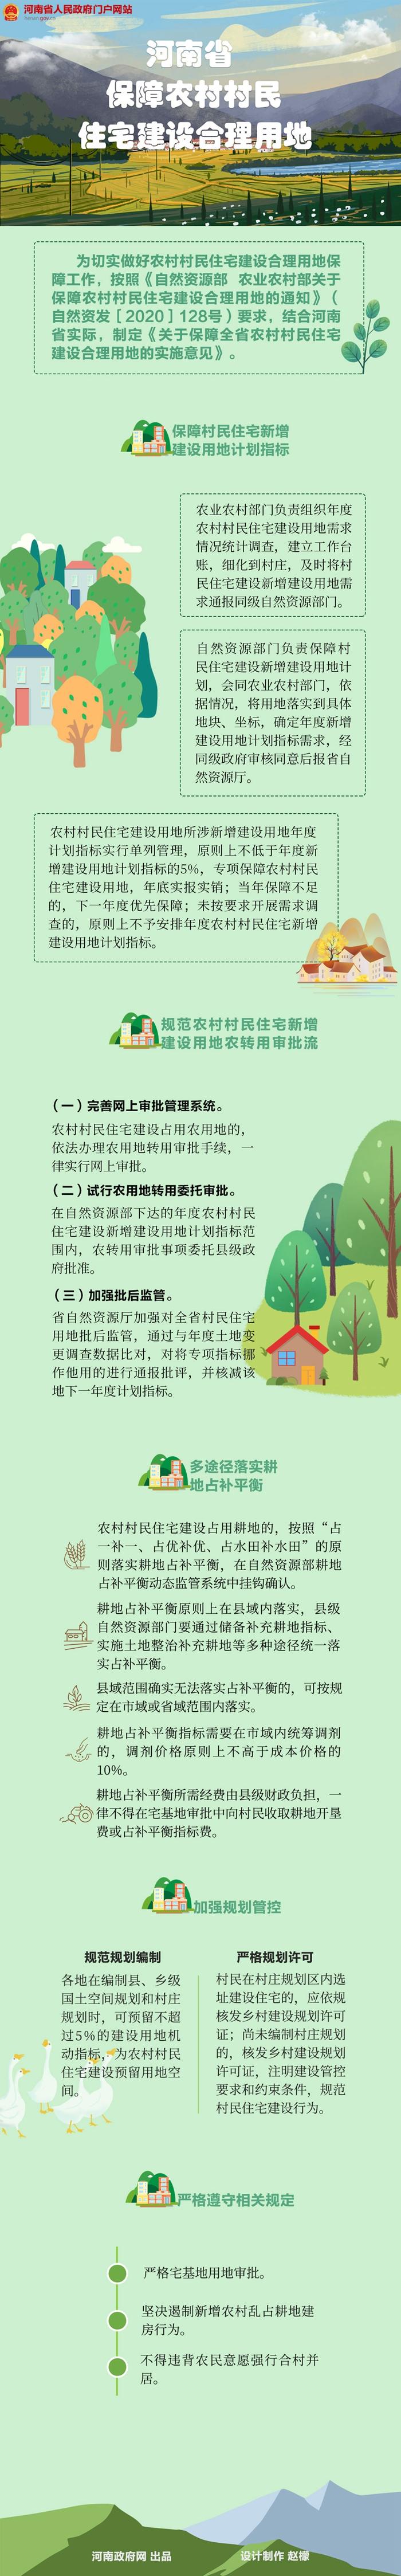 图解:河南省保障农村村民住宅建设合理用地